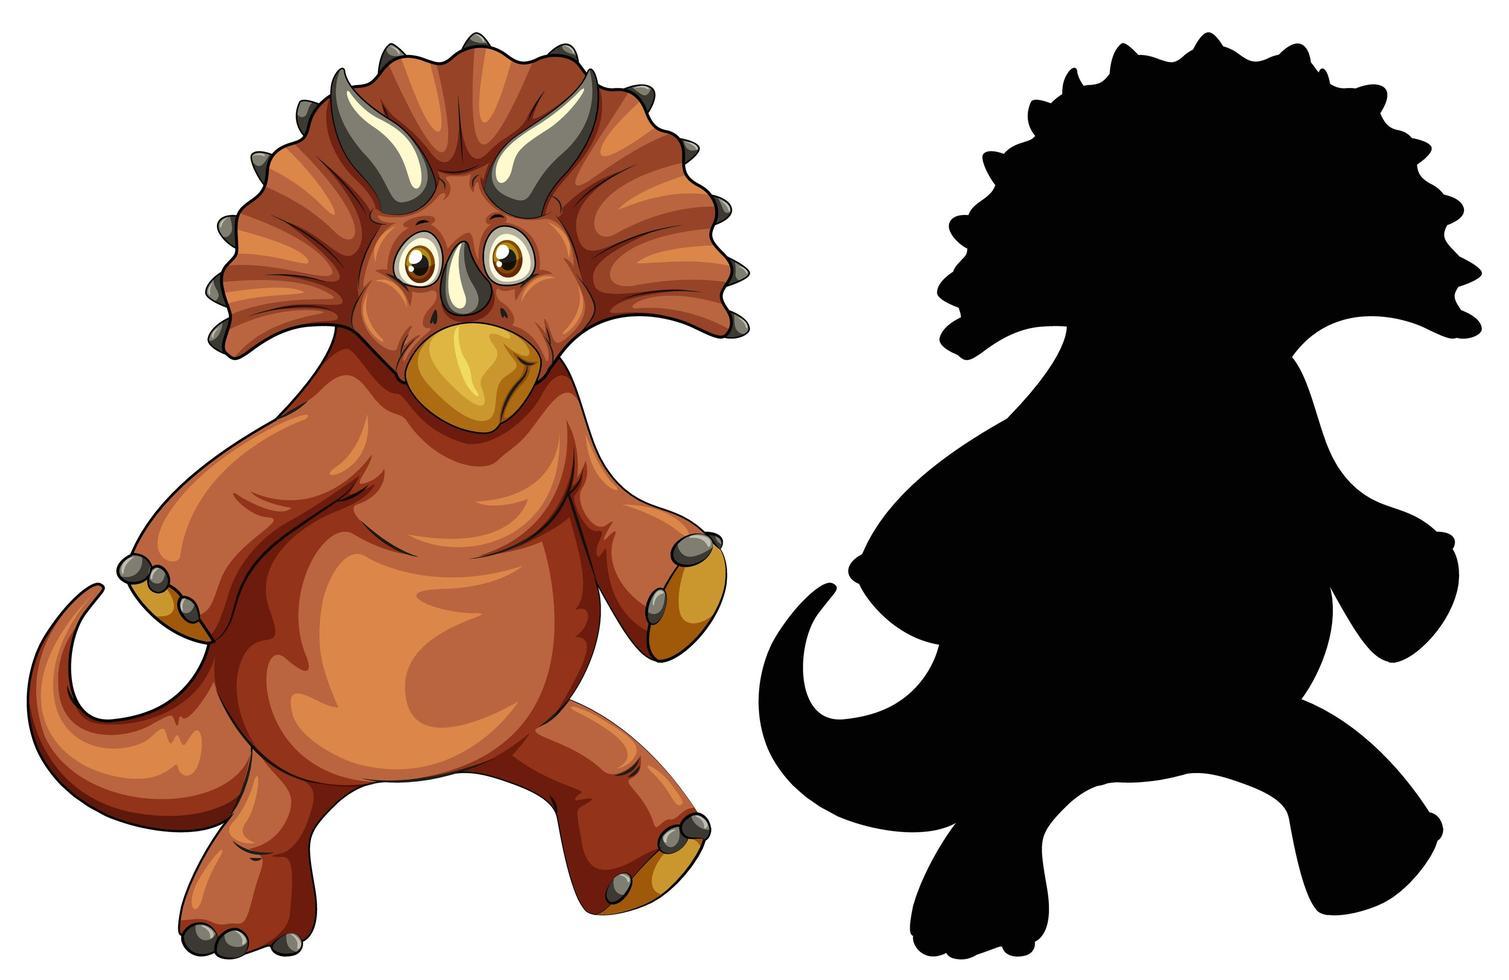 Satz Dinosaurier-Zeichentrickfigur und seine Silhouette auf weißem Hintergrund vektor